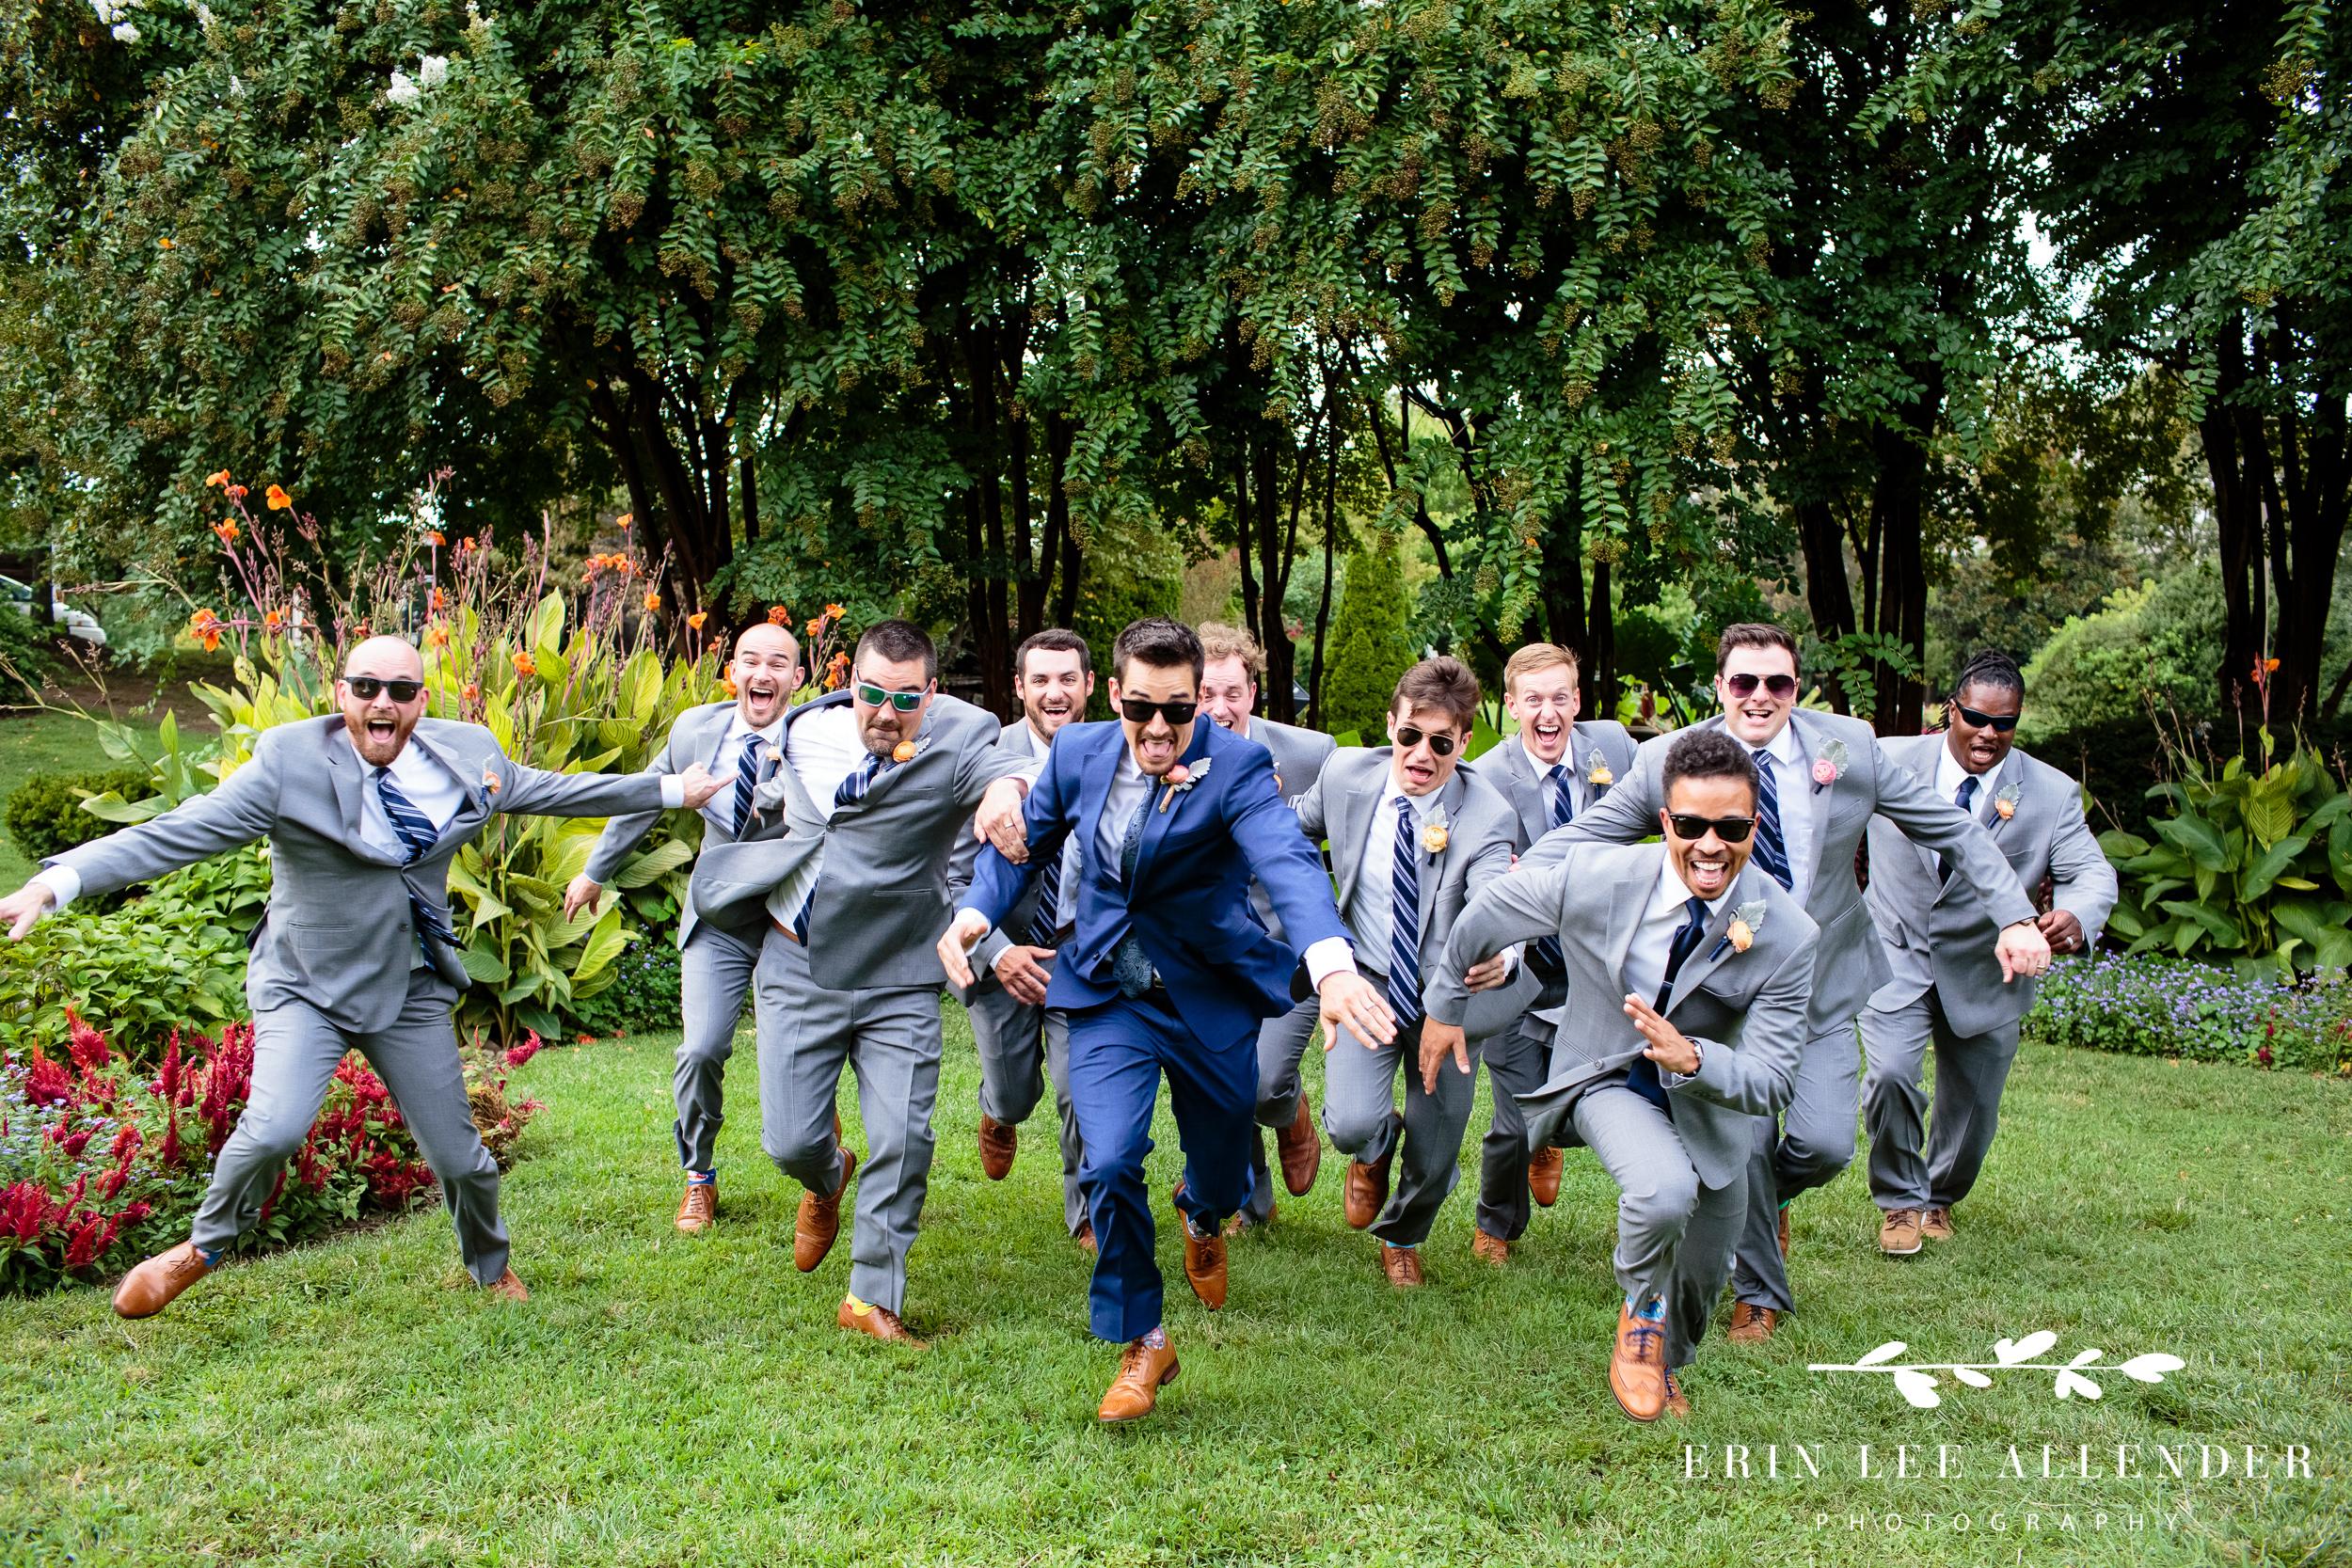 fun-groomsmen-wedding-photo